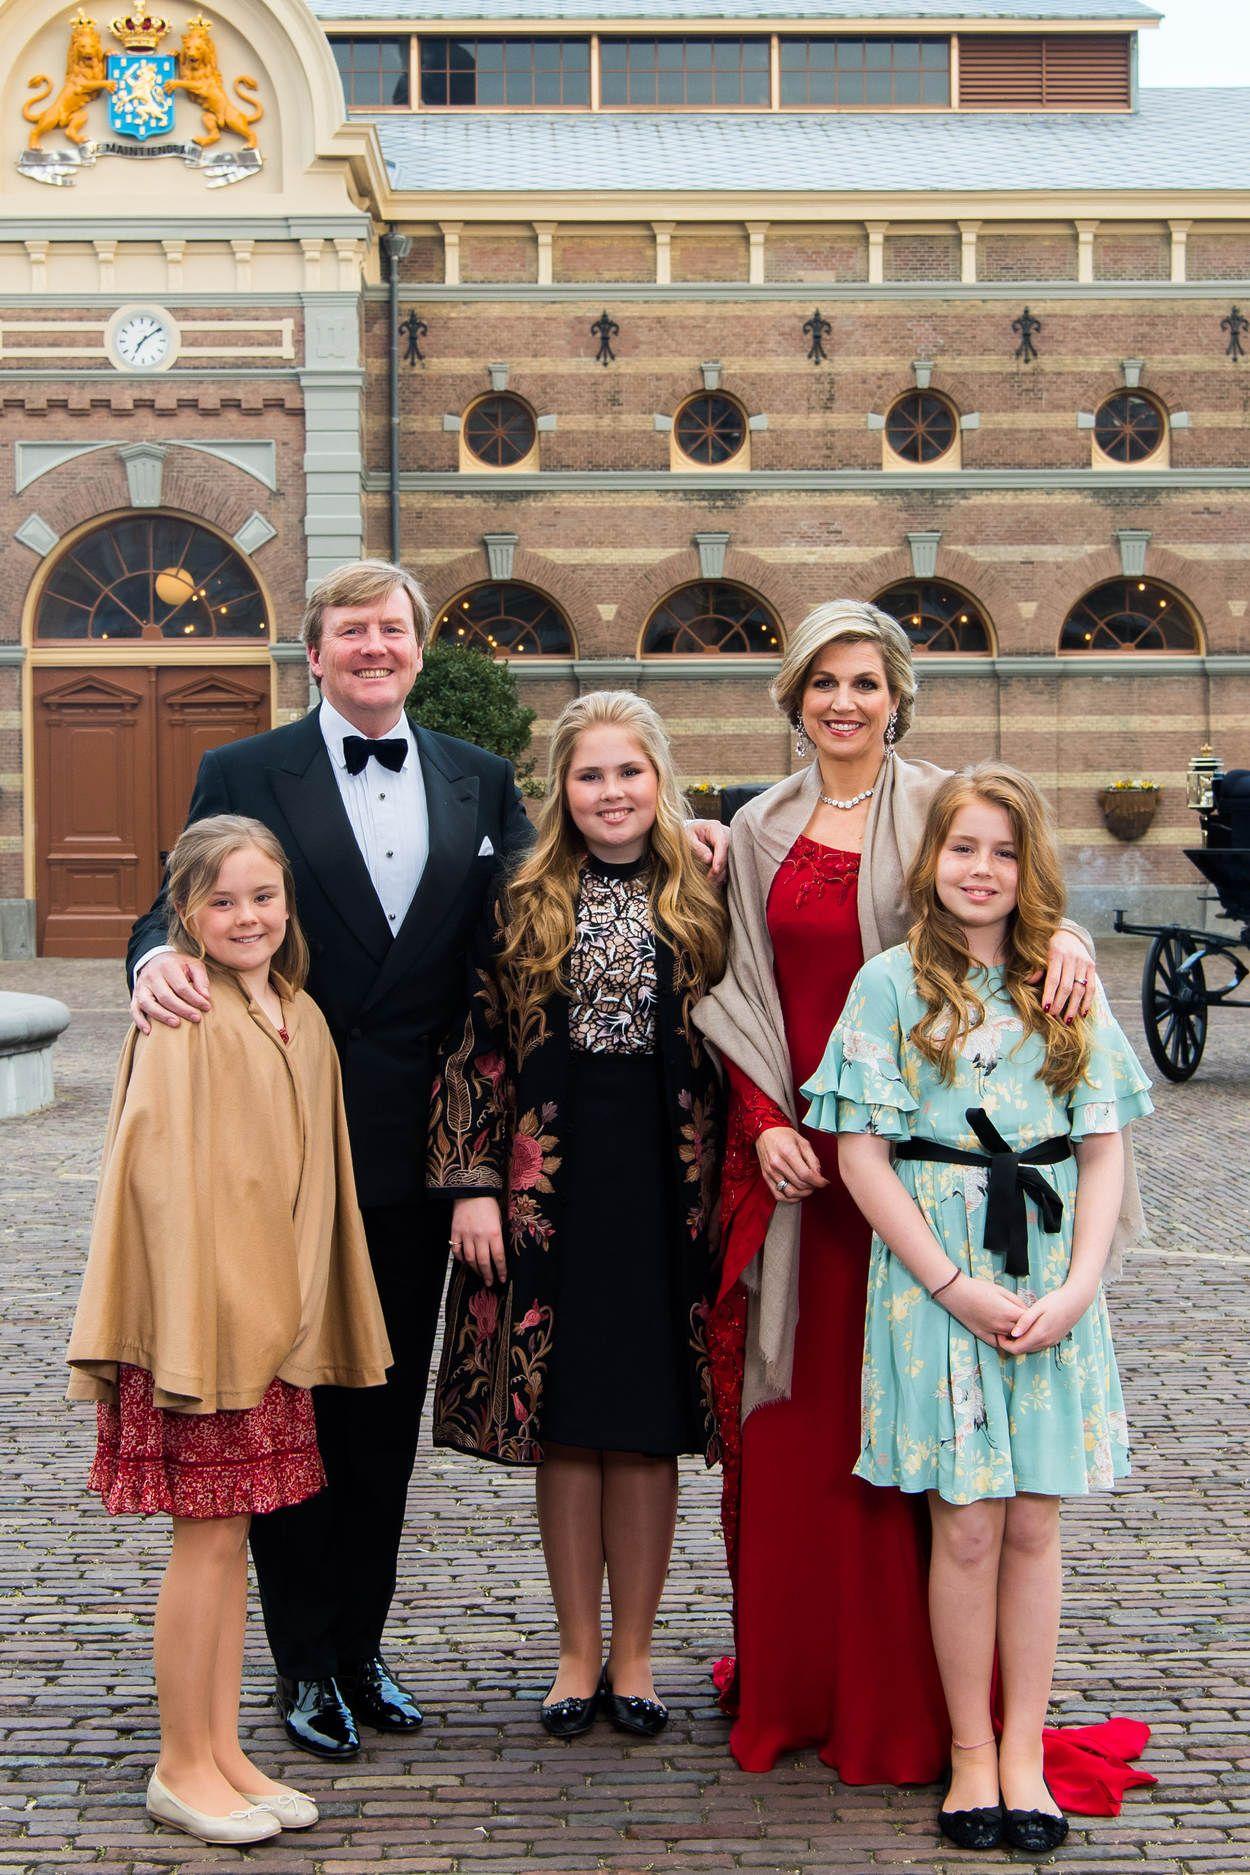 FOTOS: koning deelt fotos van privéfeest in besloten